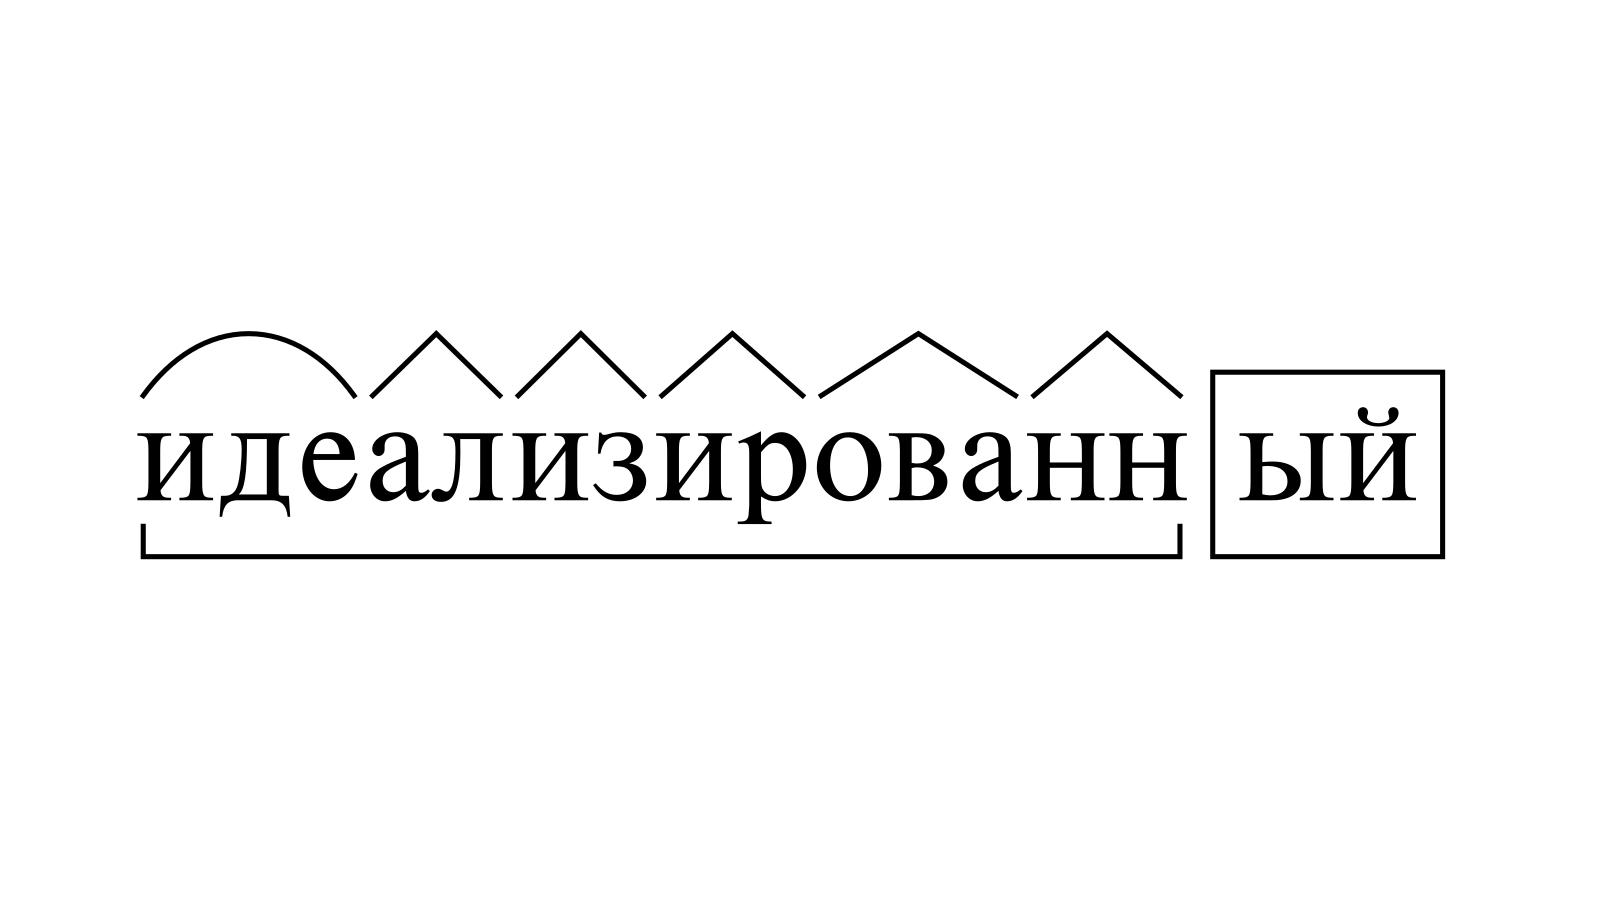 Разбор слова «идеализированный» по составу